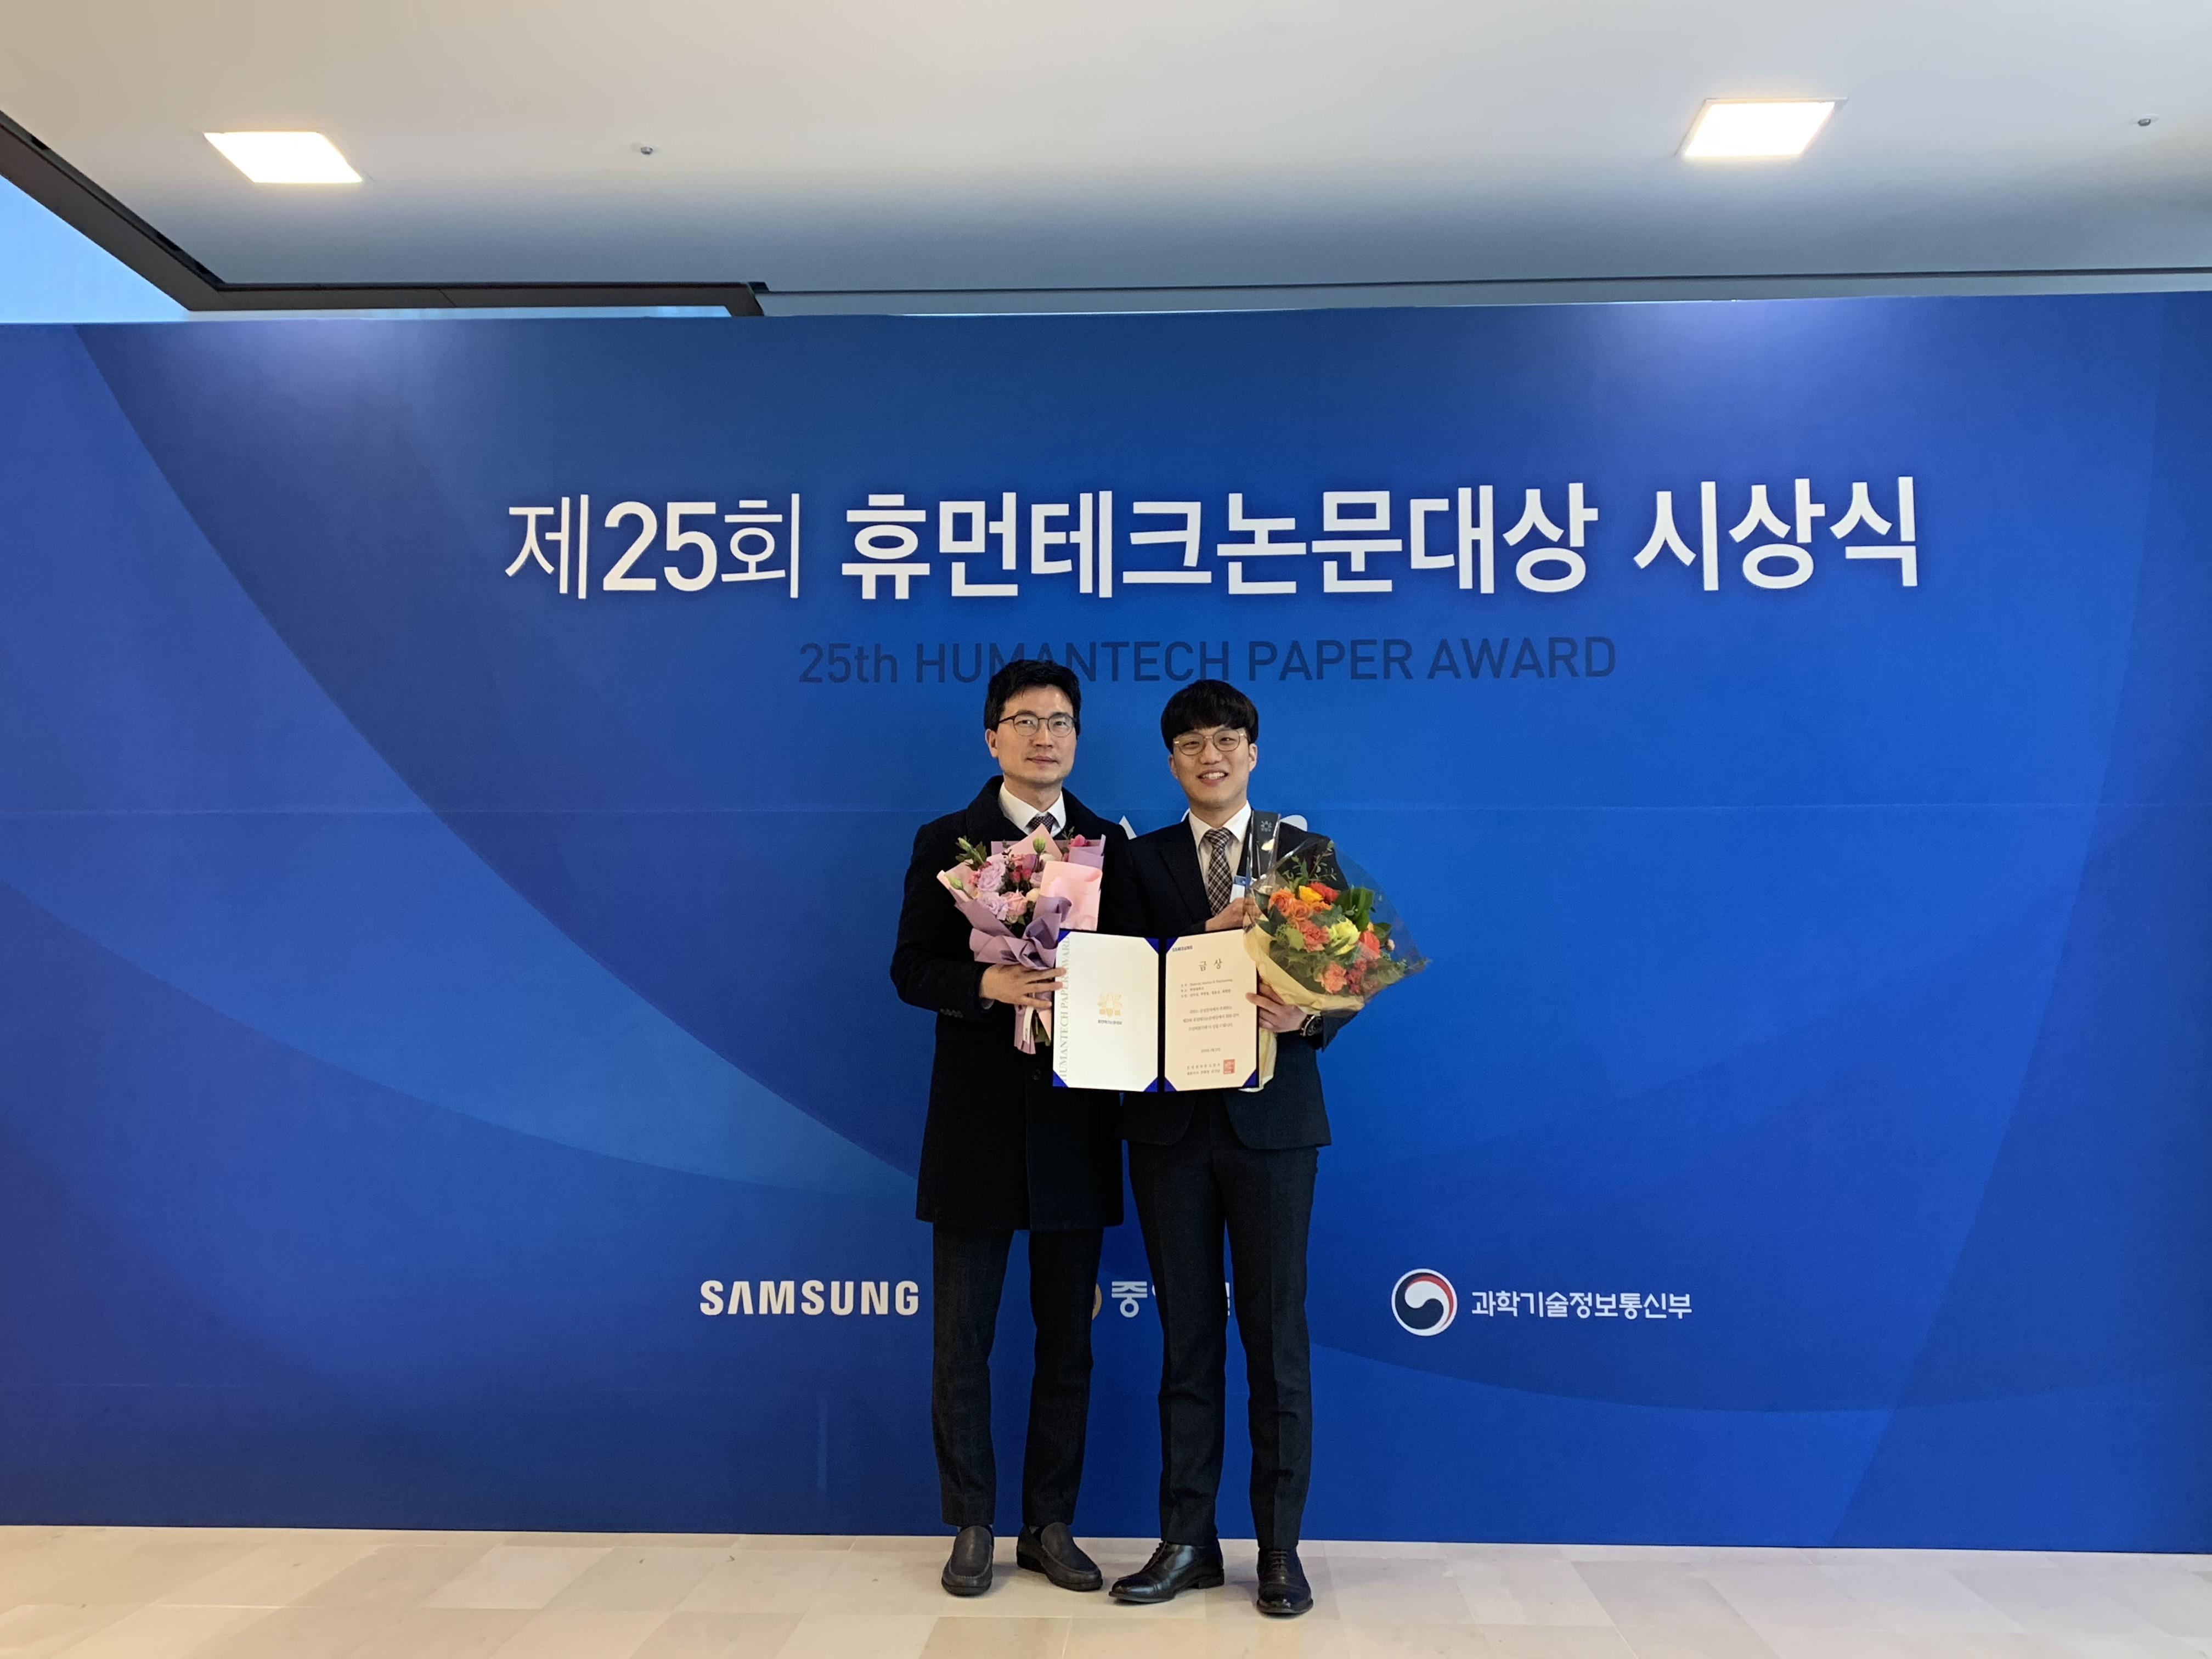 삼성휴먼테크대상